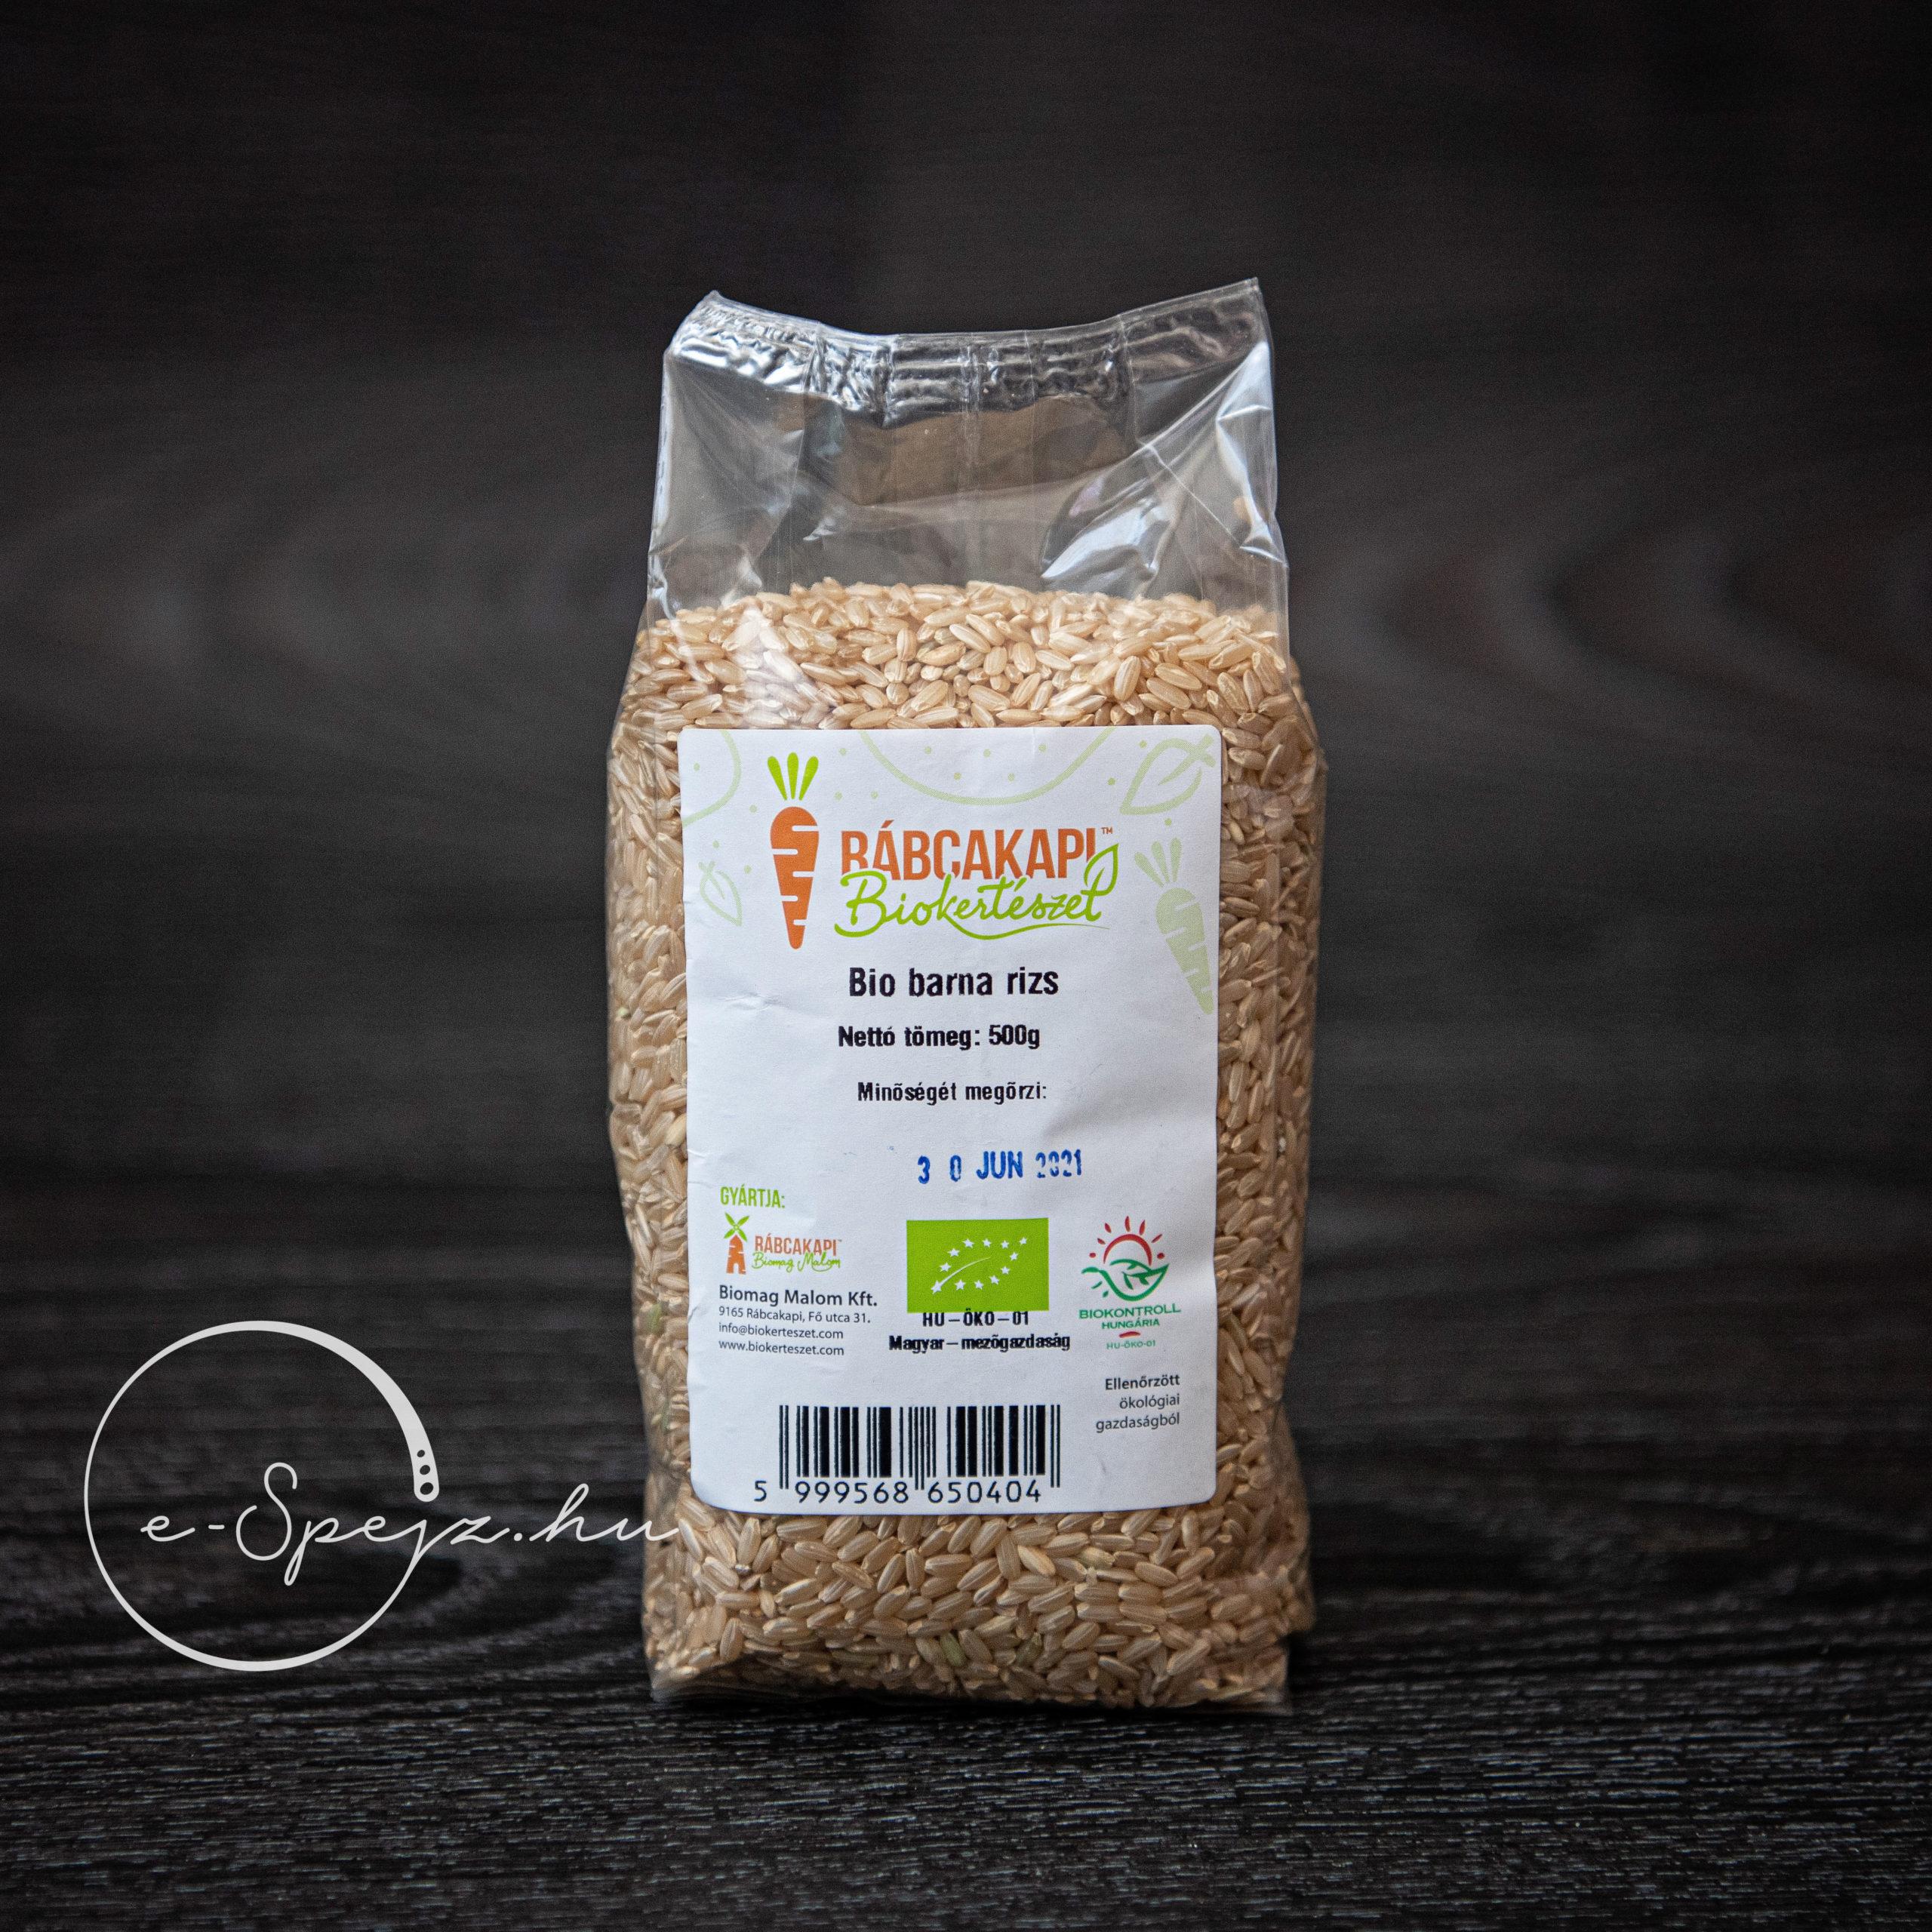 Bio barna rizs RábcakapI Biokertészet 500g ellenőrzött..